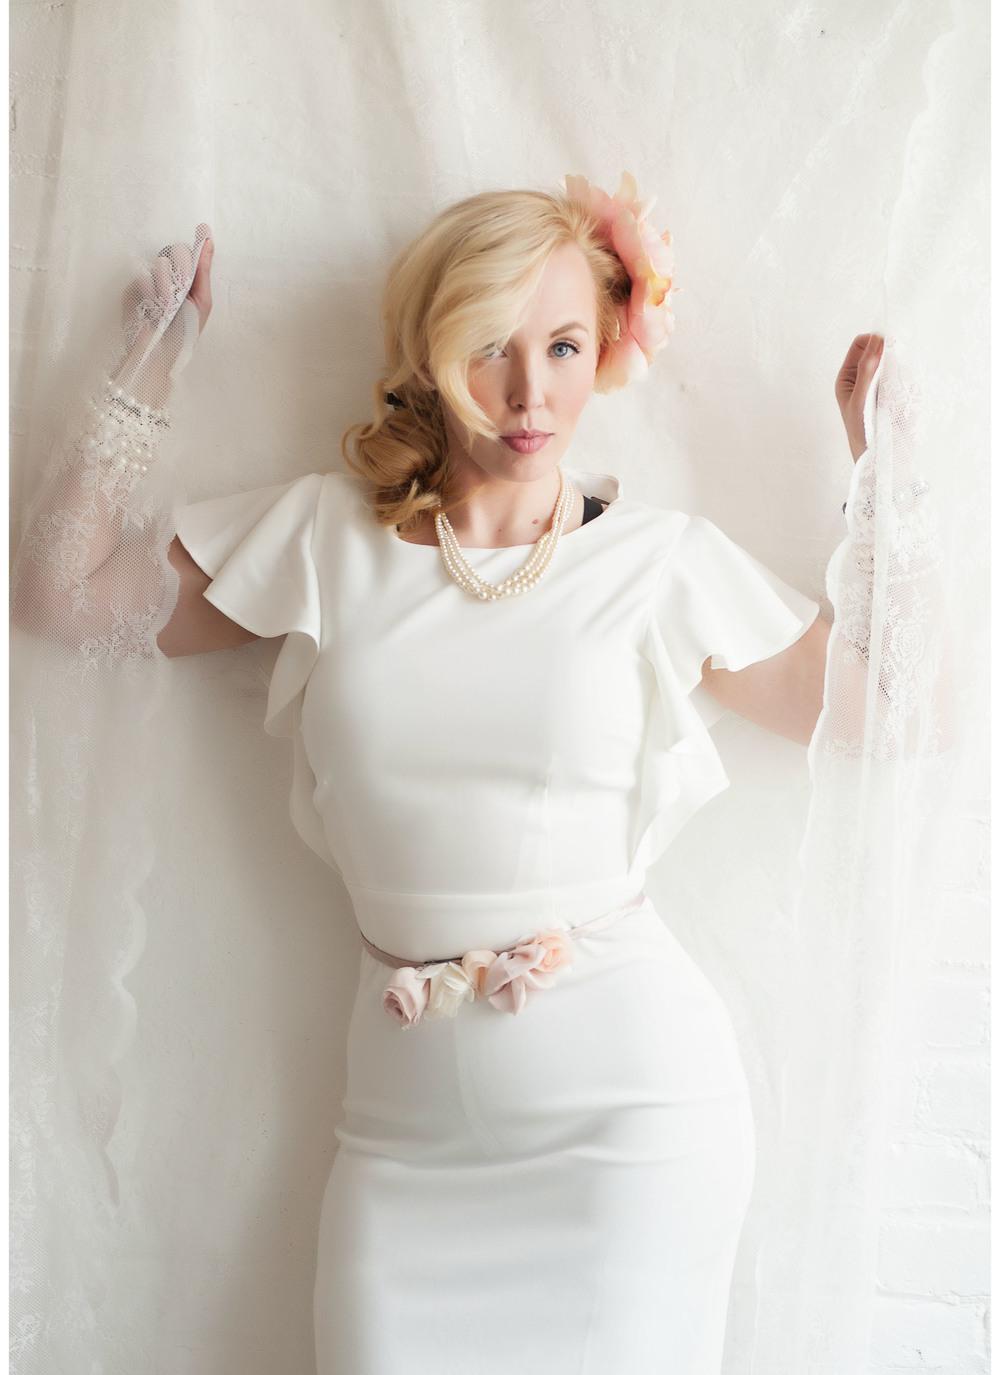 pittsburgh_boudoir_glamour_portrait2.jpg